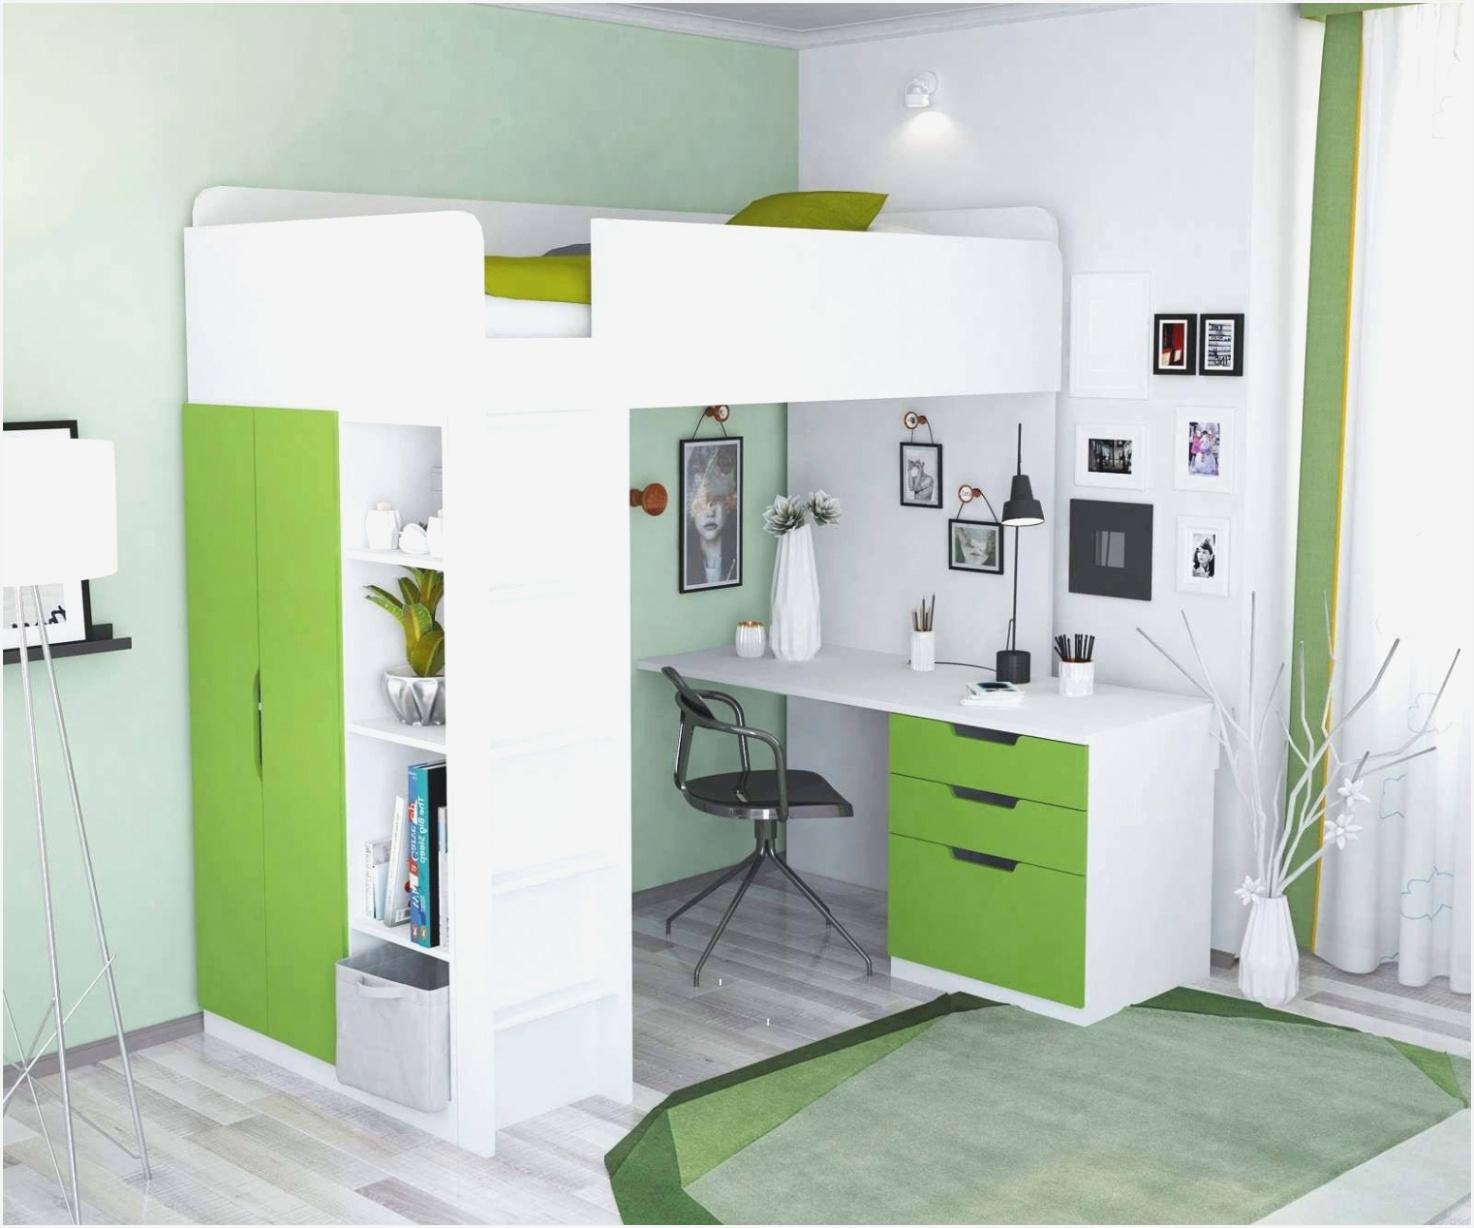 Full Size of Komplett Kinderzimmer Mdchen Mit Hochbett Und Schreibtisch Schlafzimmer Komplettangebote Regal Weiß Günstige Wohnzimmer Komplettküche Massivholz Günstig Kinderzimmer Komplett Kinderzimmer